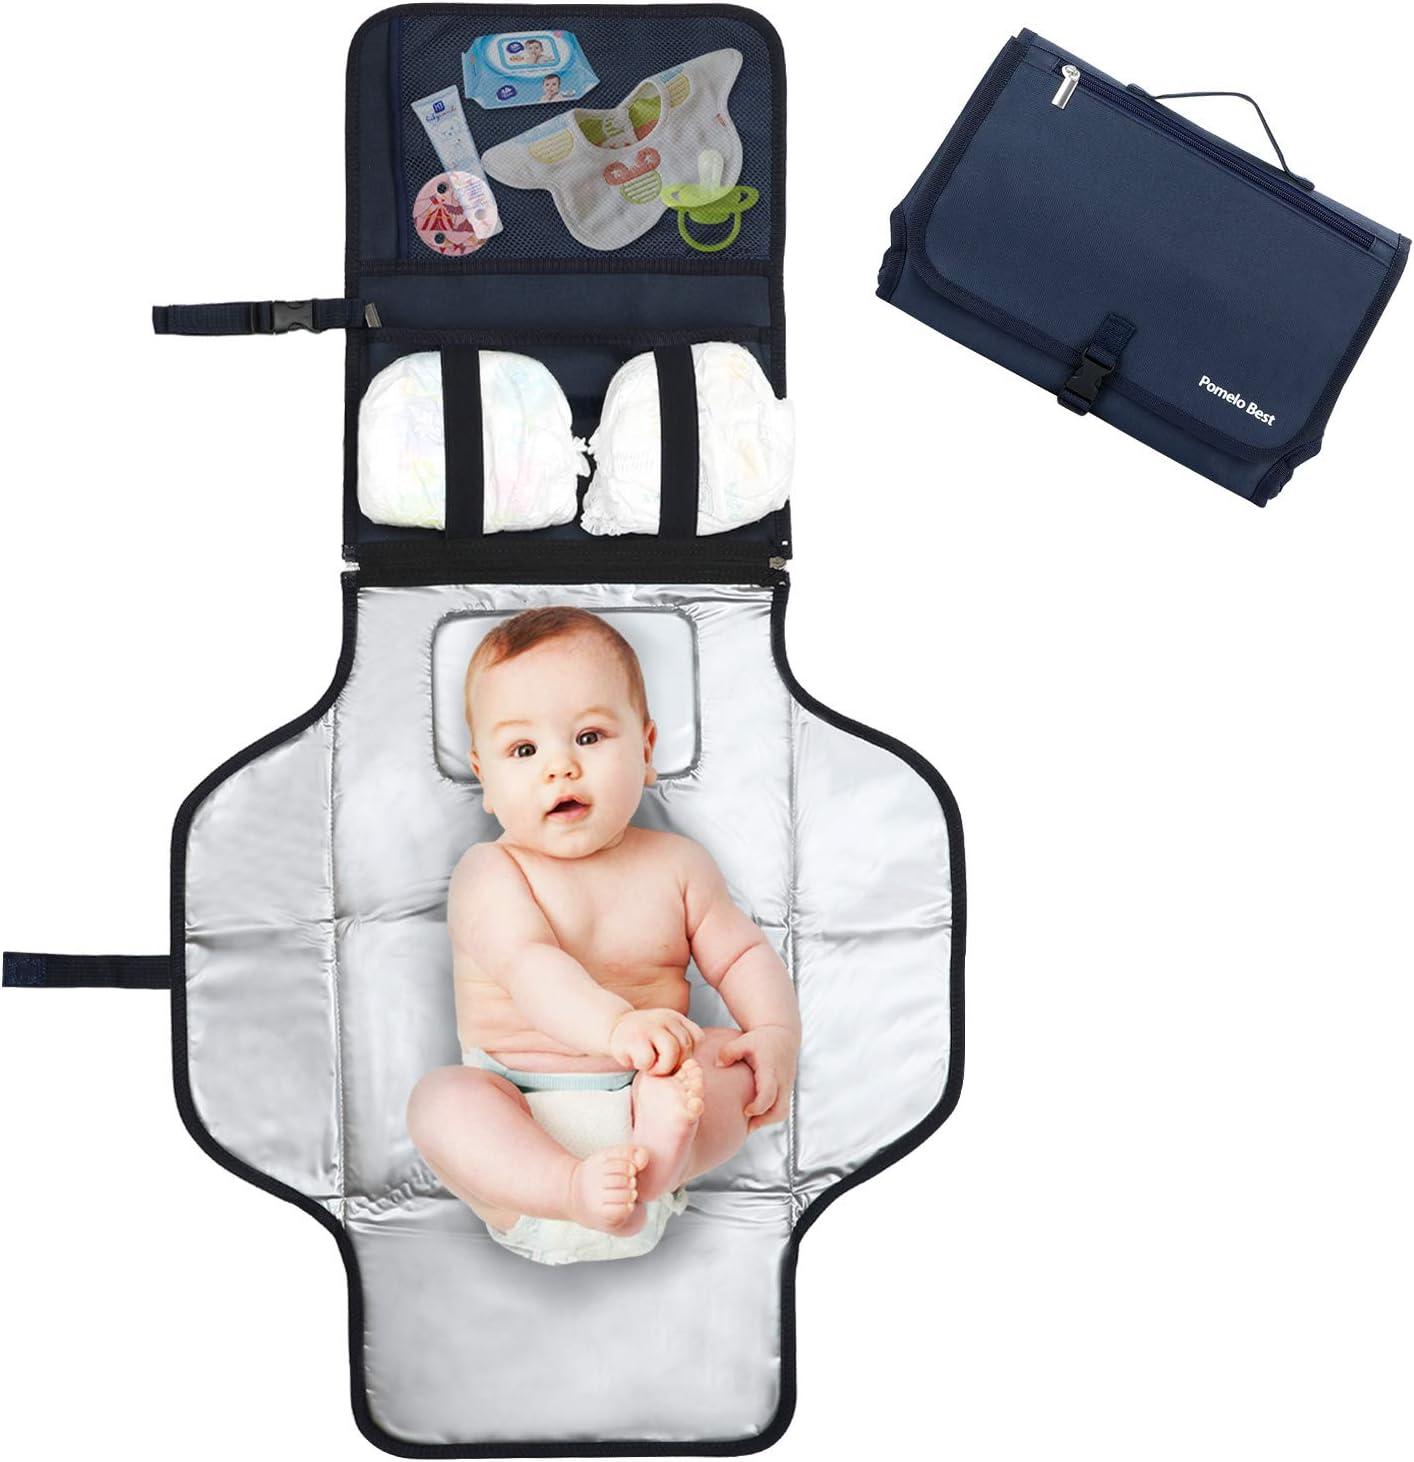 Pomelo best Cambiador portatil de pañales para bebe Impermeable   Kit Cambiador Bebe Viaje   Esterilla Lavable de Quita y Pon   Perfecto para Usar Fuera de Casa (Azul)